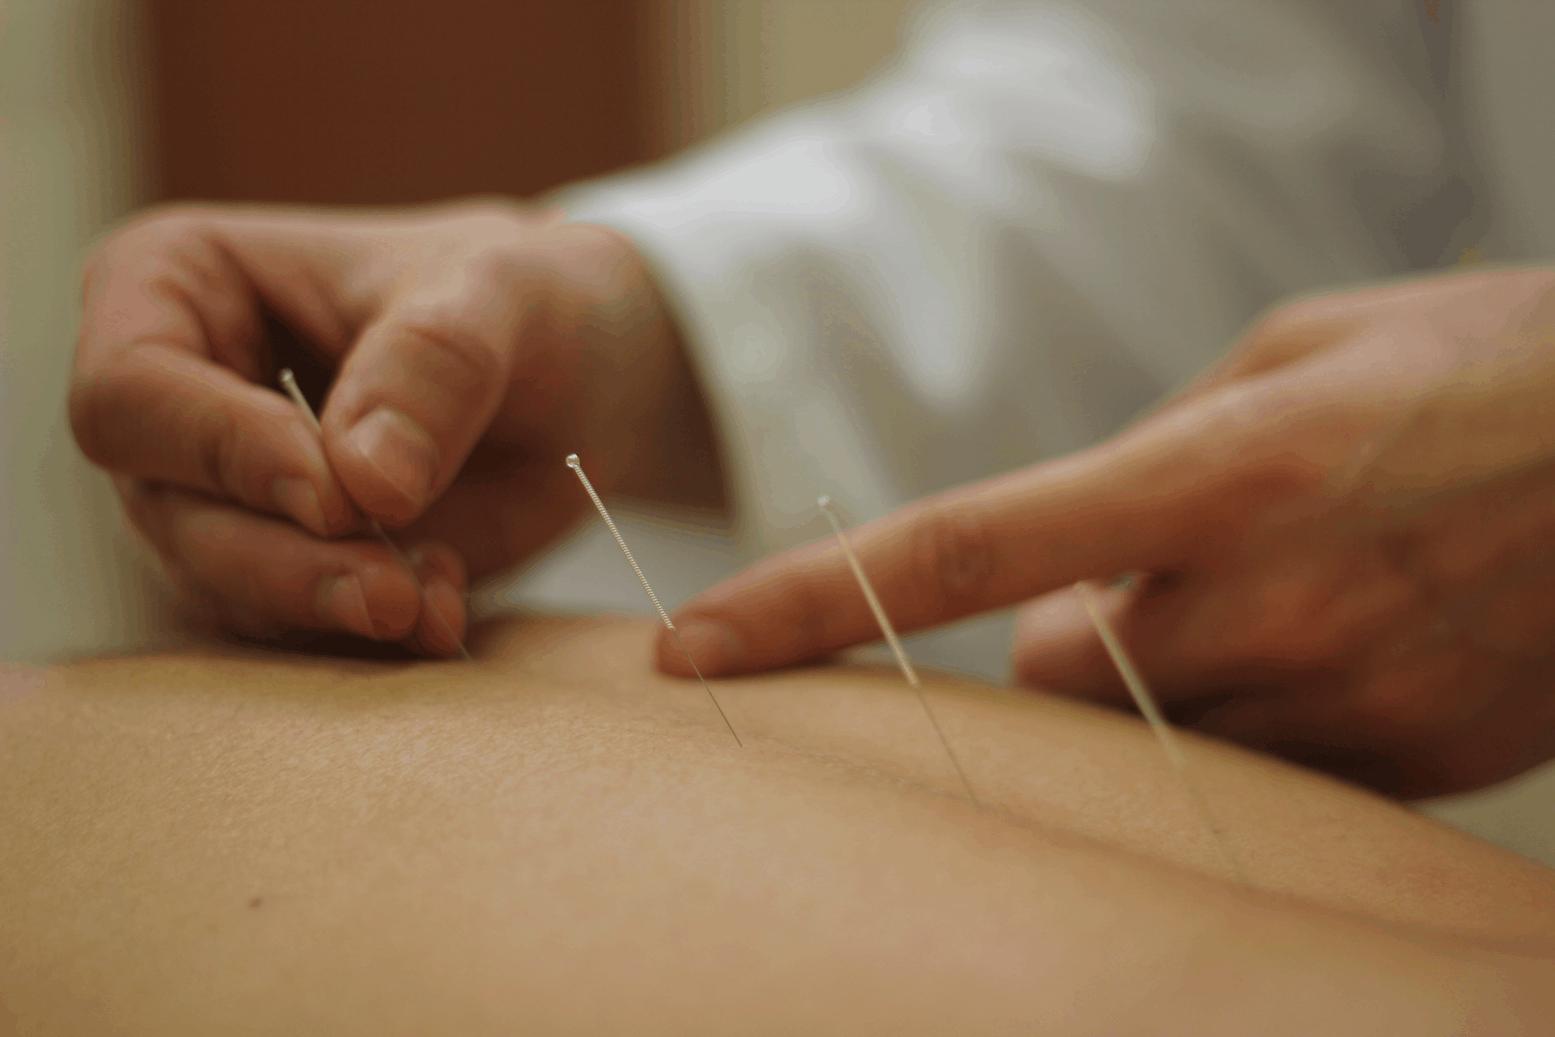 La dott.ssa Francese pratica agopuntura a Rimini. Fissa un appuntamento